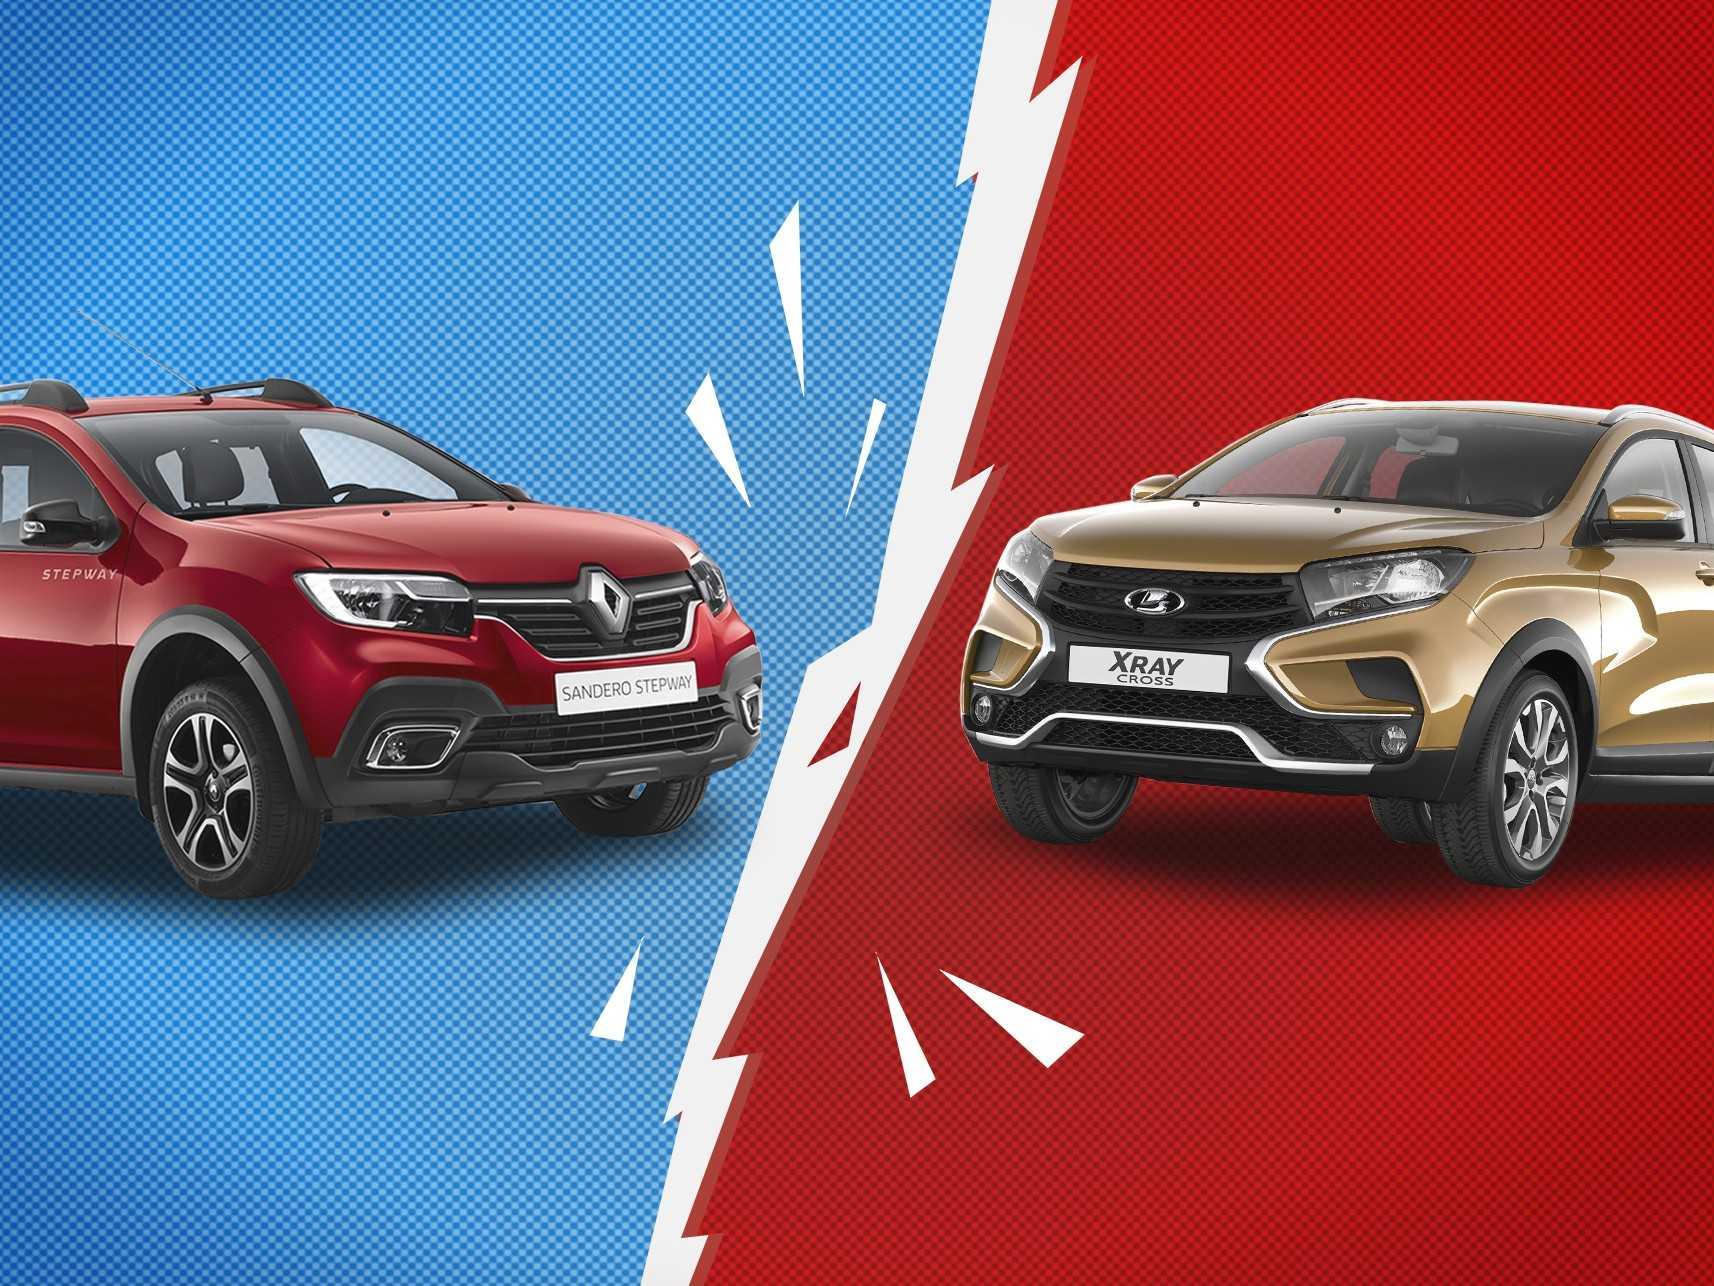 Тест: что тебе больше подходит, Lada XRAY Cross или Renault Sandero Stepway? - КОЛЕСА.ру – автомобильный журнал